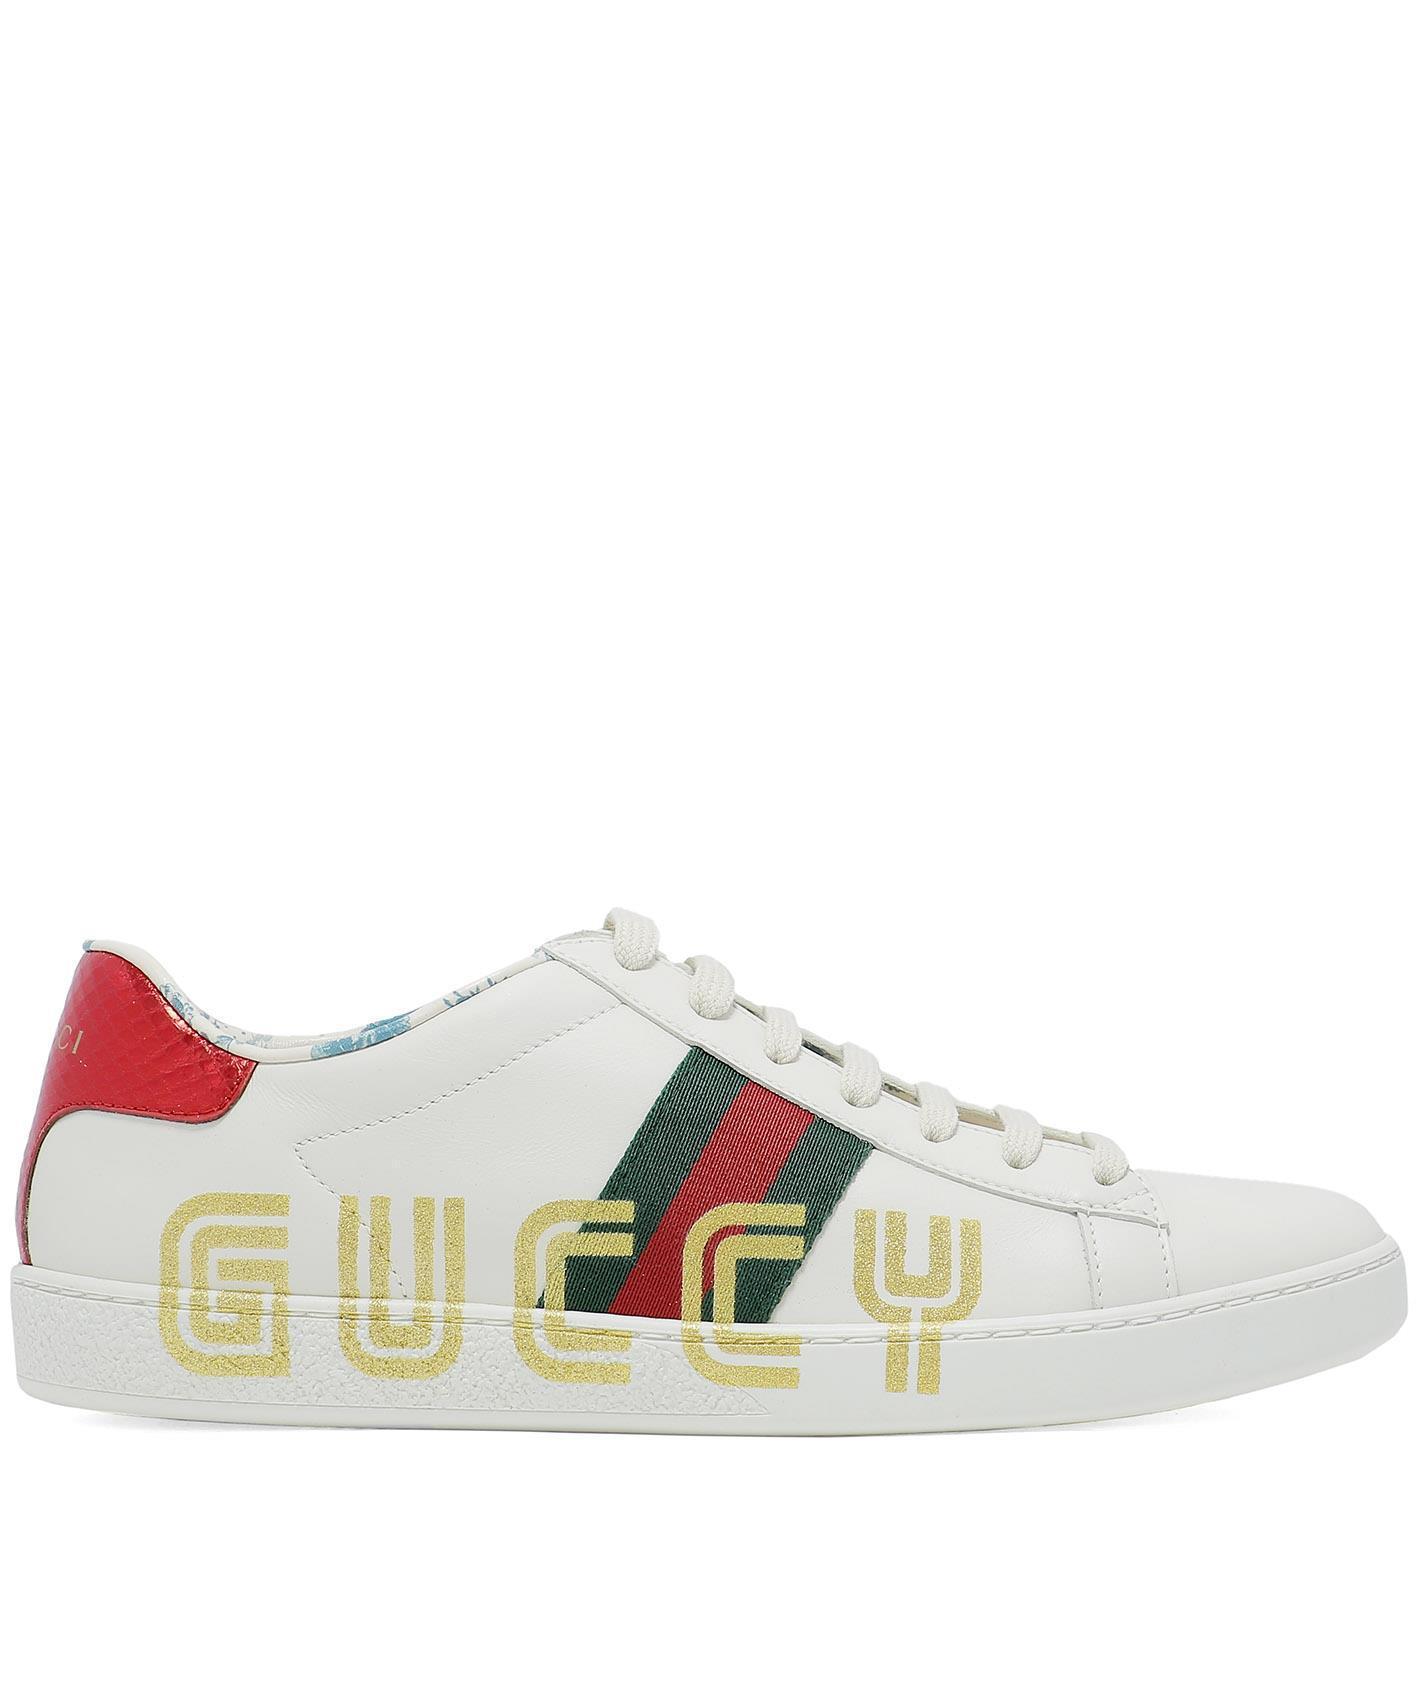 e9ae5e7f5ae Gucci Dup